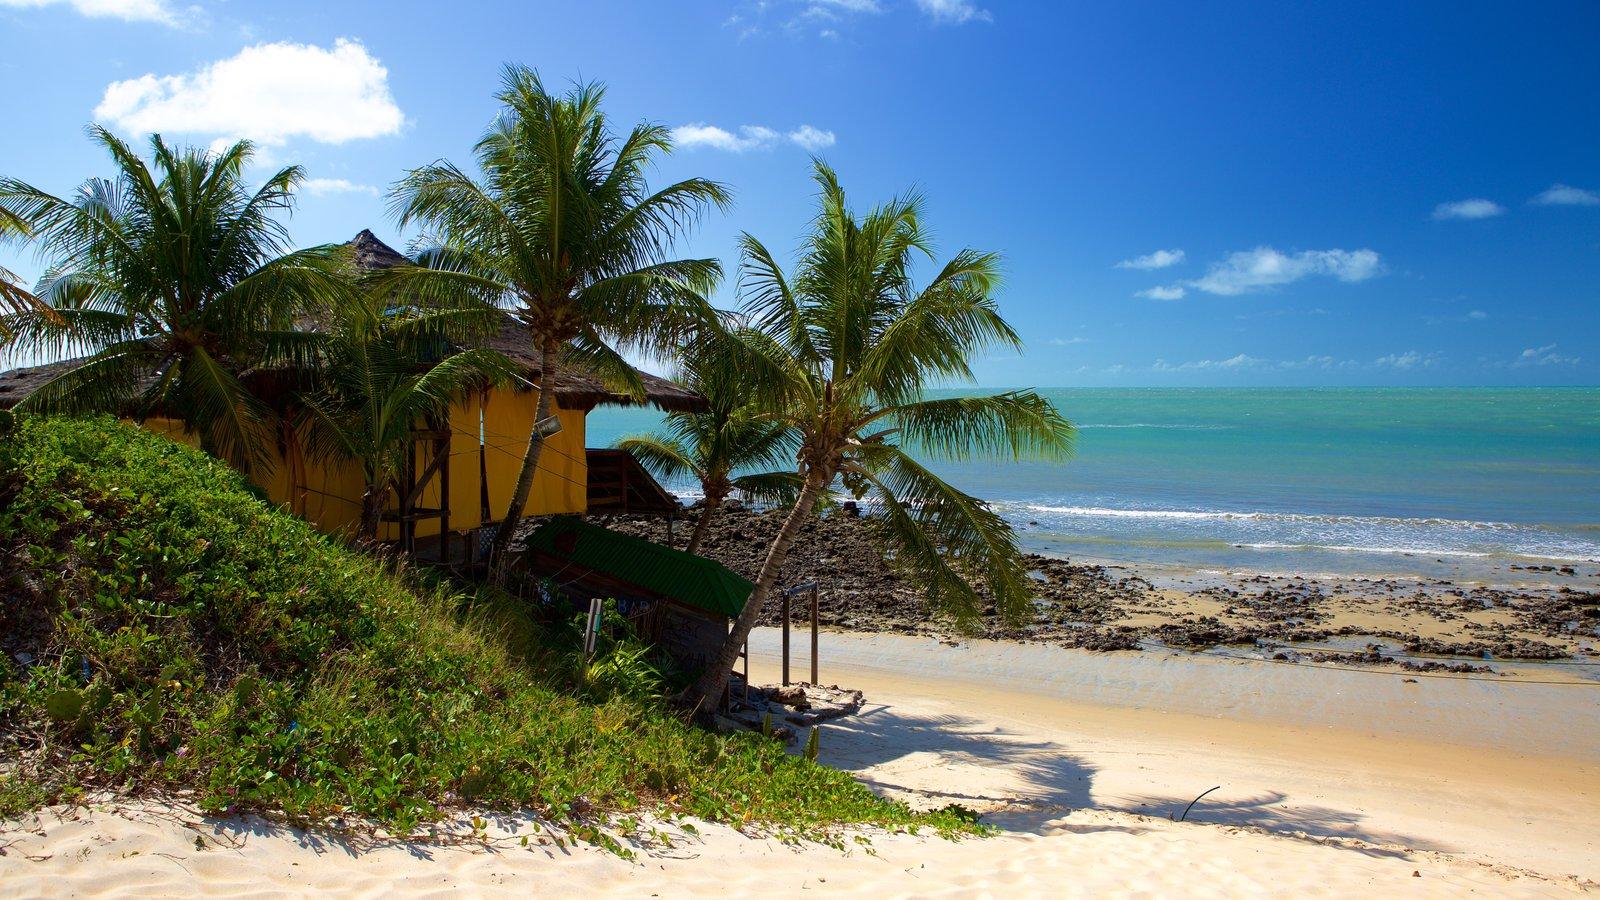 Praia de Genipabú caracterizando uma praia, paisagens litorâneas e cenas tropicais